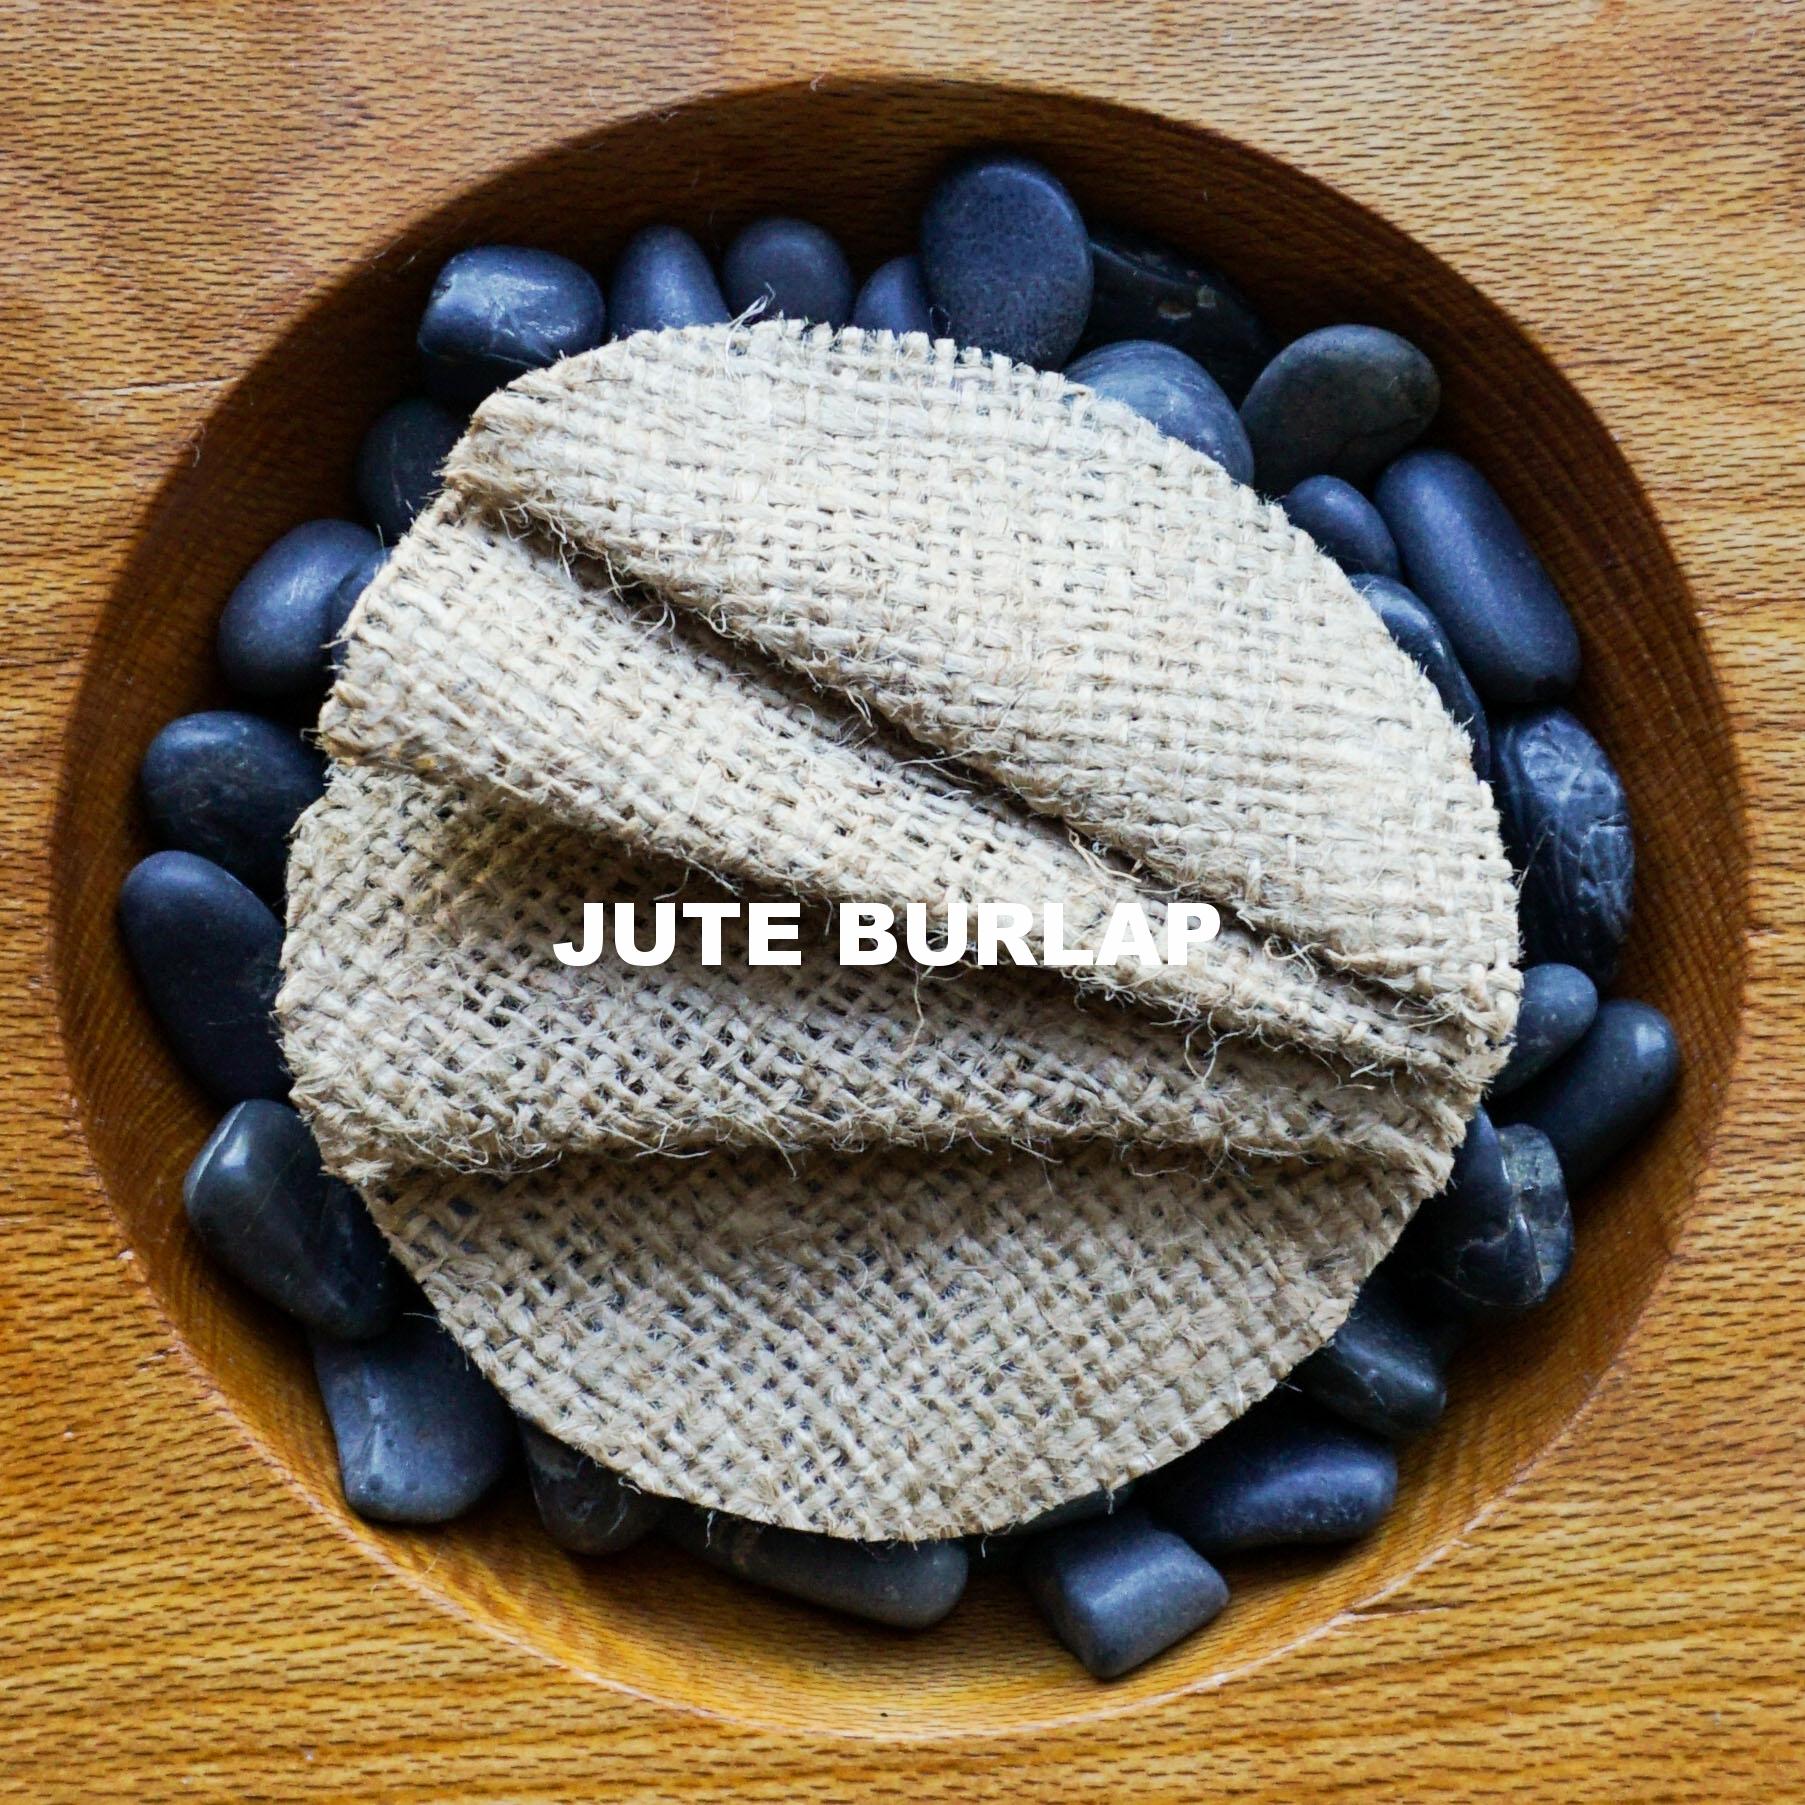 JUTE BURLAP